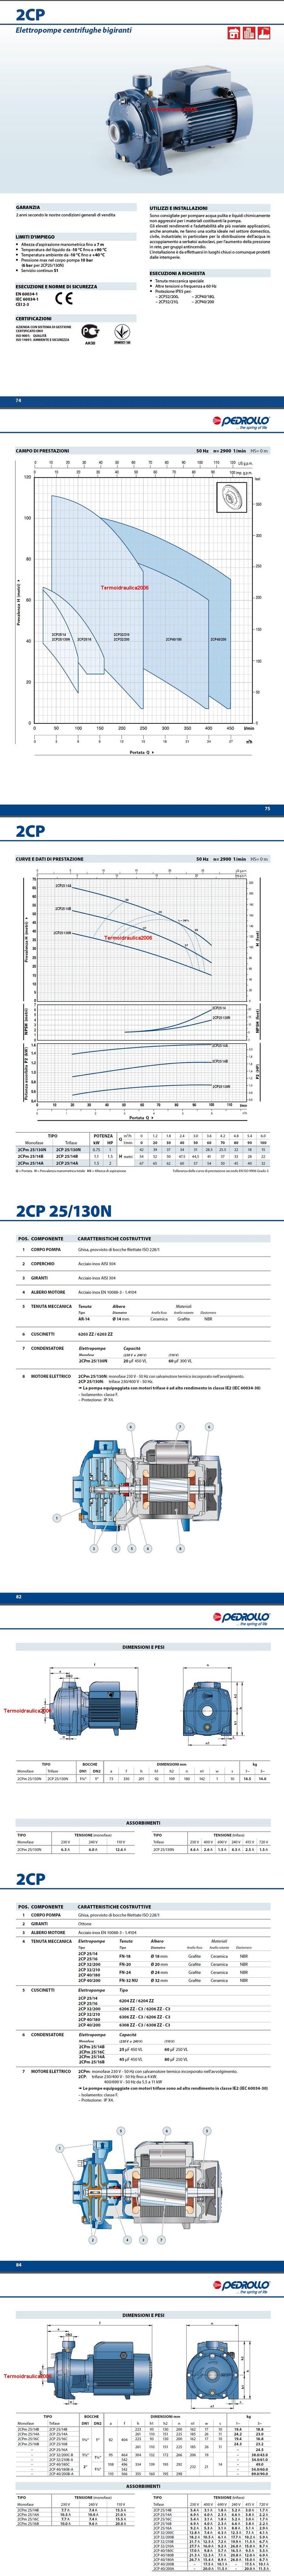 scheda tecnica Pedrollo 2CPm 25/14B